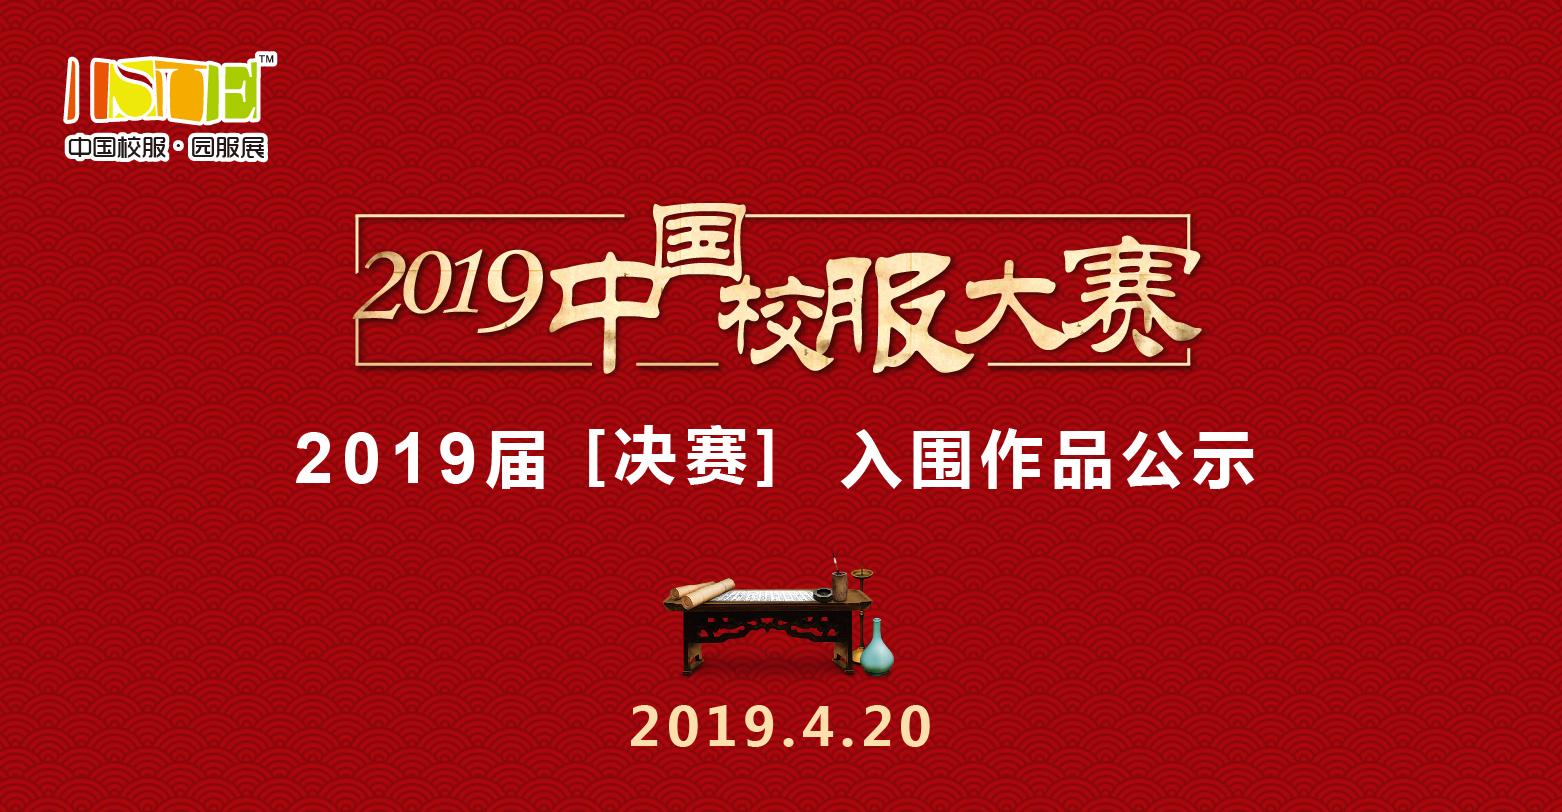 2019届中国校服设计大赛决赛入围作品名单公布